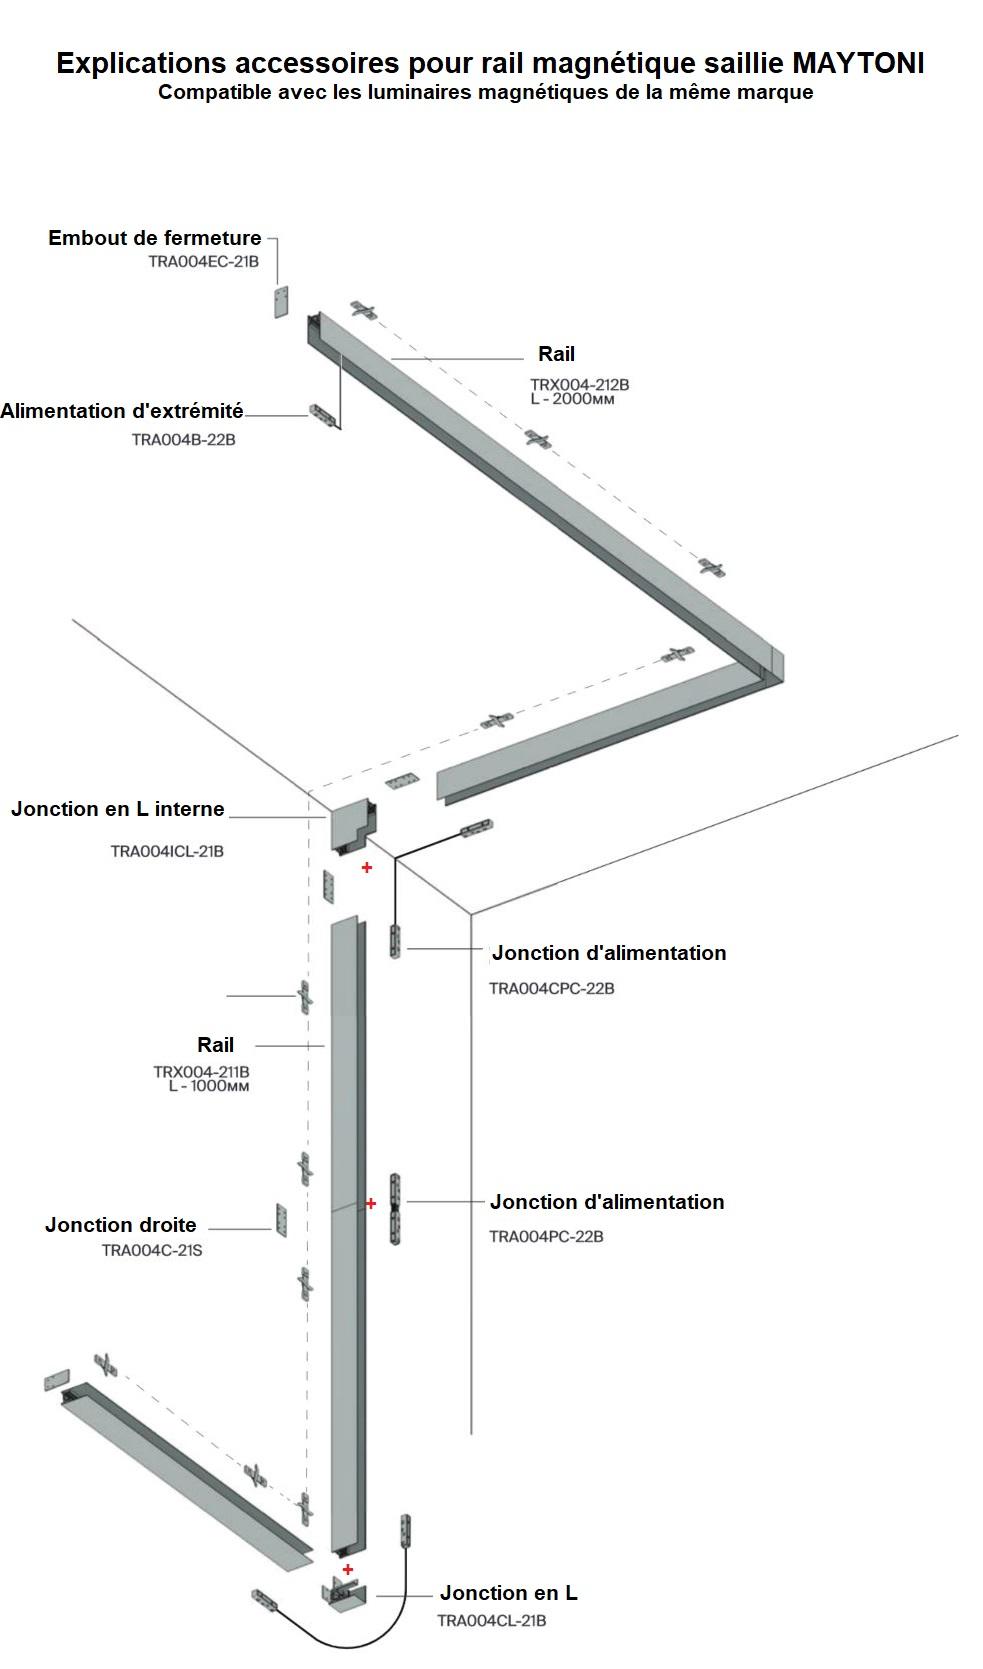 Schéma rail magnétique saillie MAYTONI